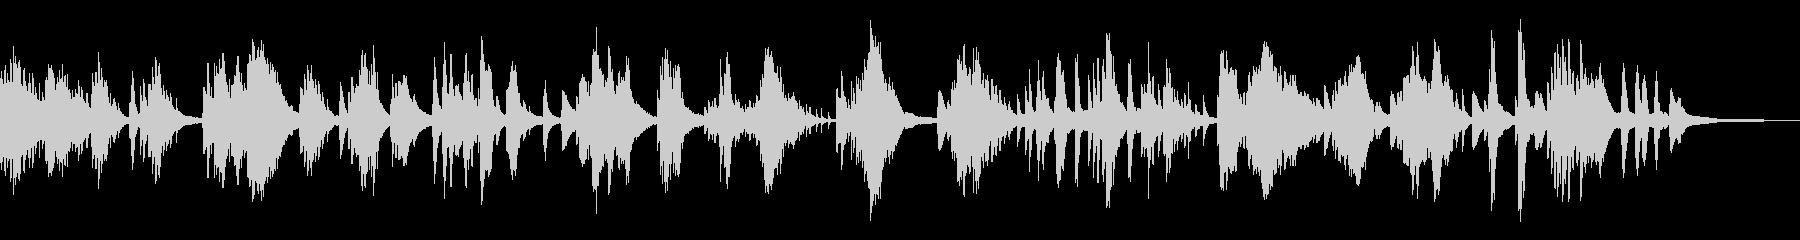 暗く湿った伝統的な和風曲14-ピアノソロの未再生の波形